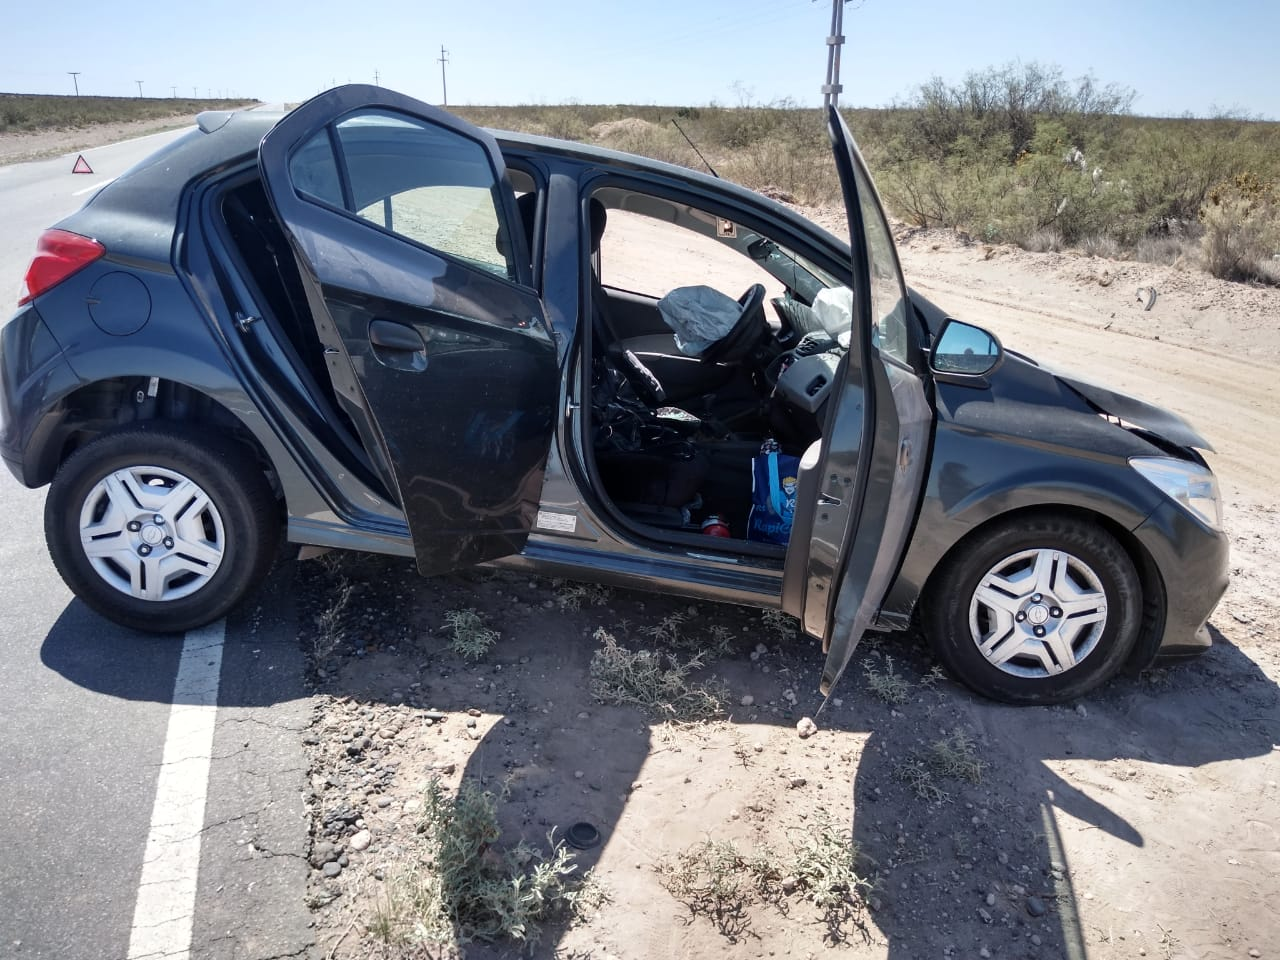 IMG 20200223 WA0018 - Ruta 151: Por esquivar un pozo chocó contra un camión